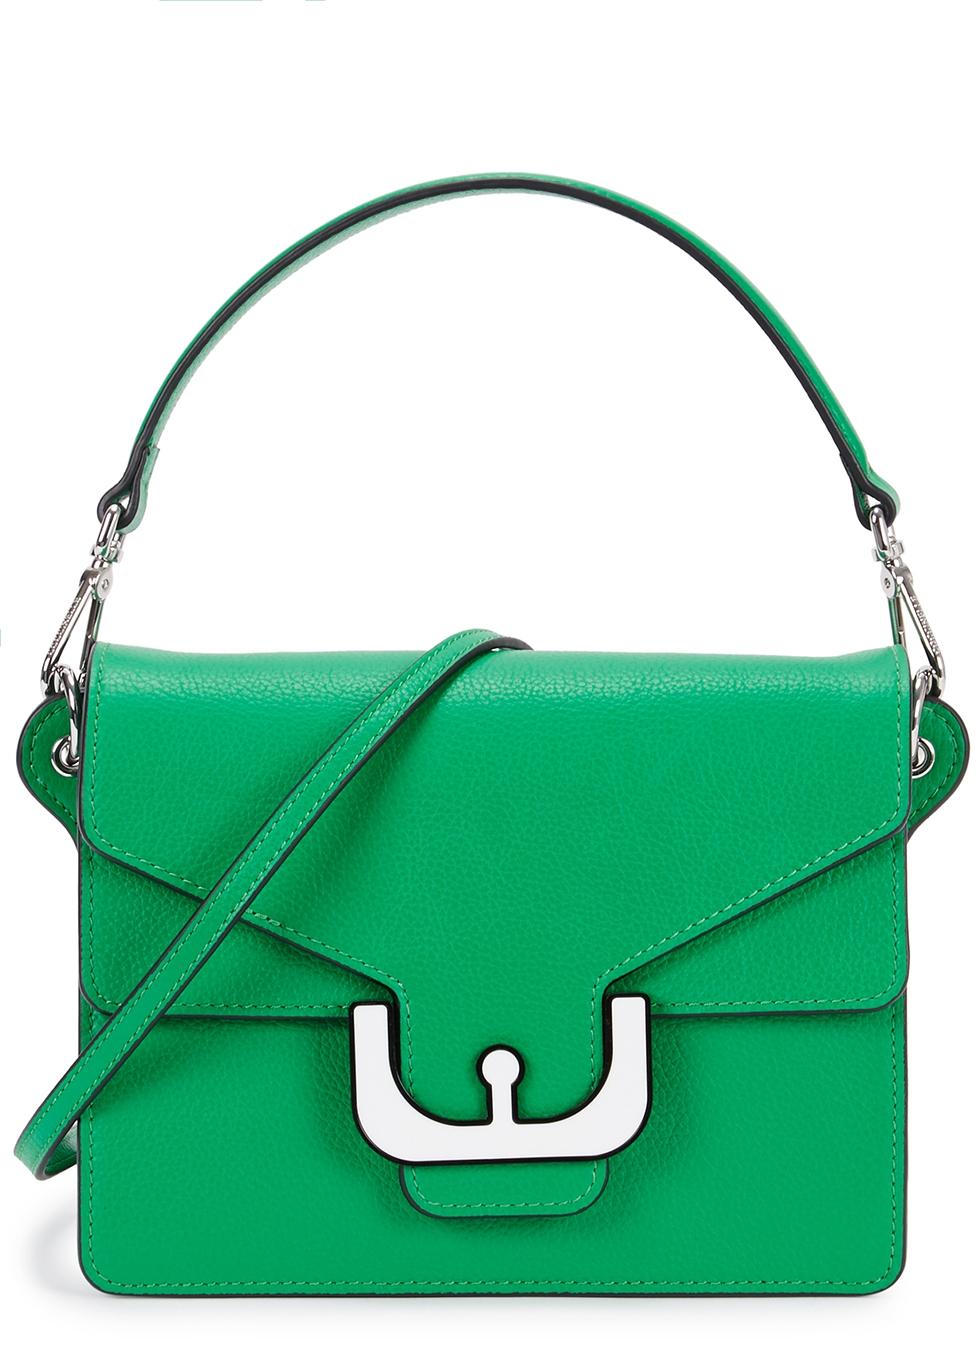 Ambrine Green Leather Shoulder Bag